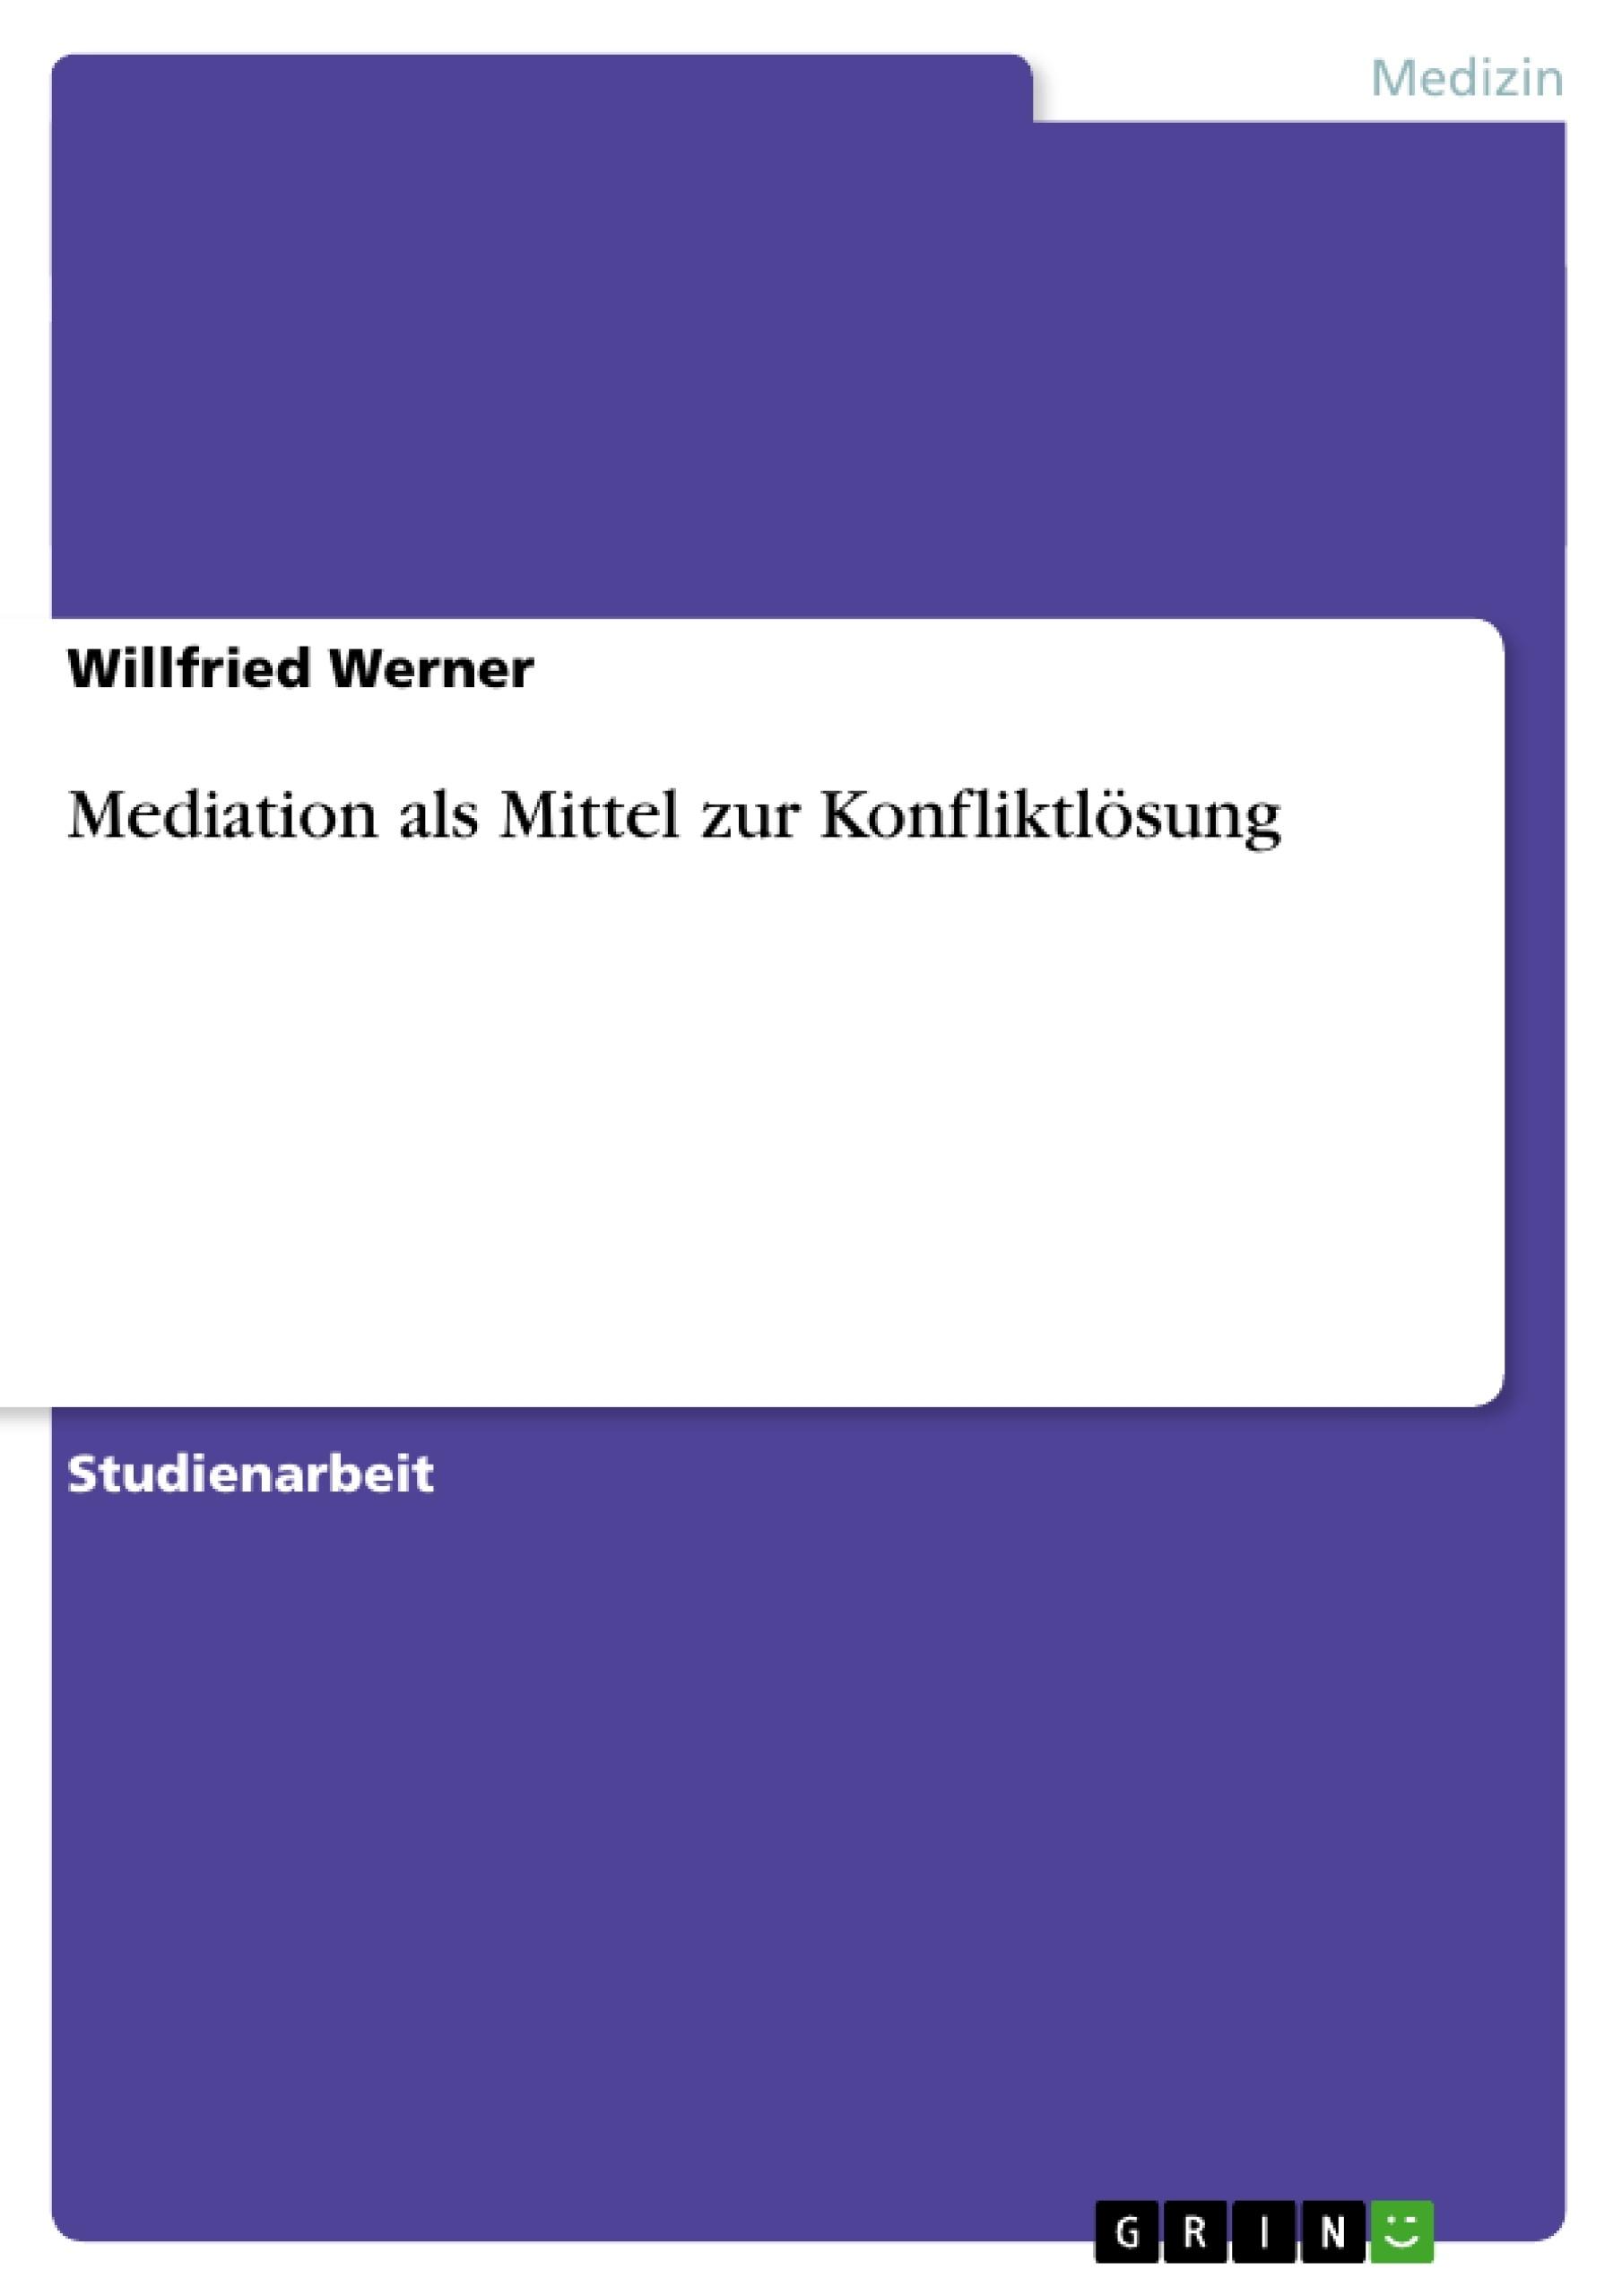 Titel: Mediation als Mittel zur Konfliktlösung